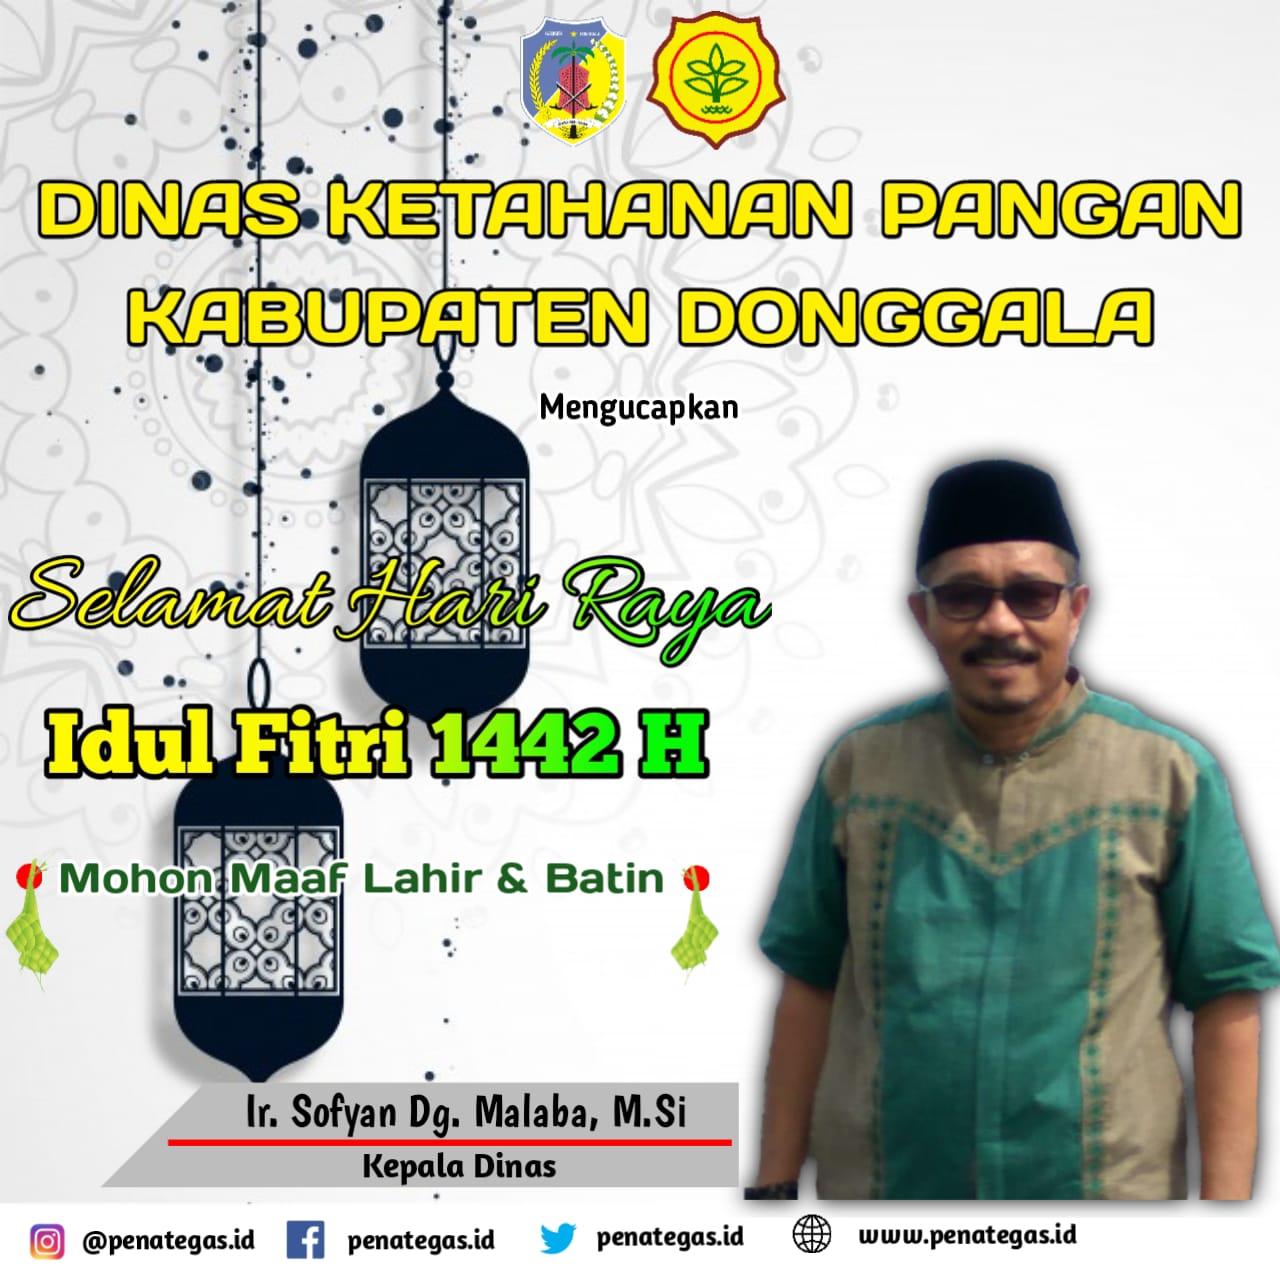 Dinas Ketahanan Pangan Kabupaten Donggala